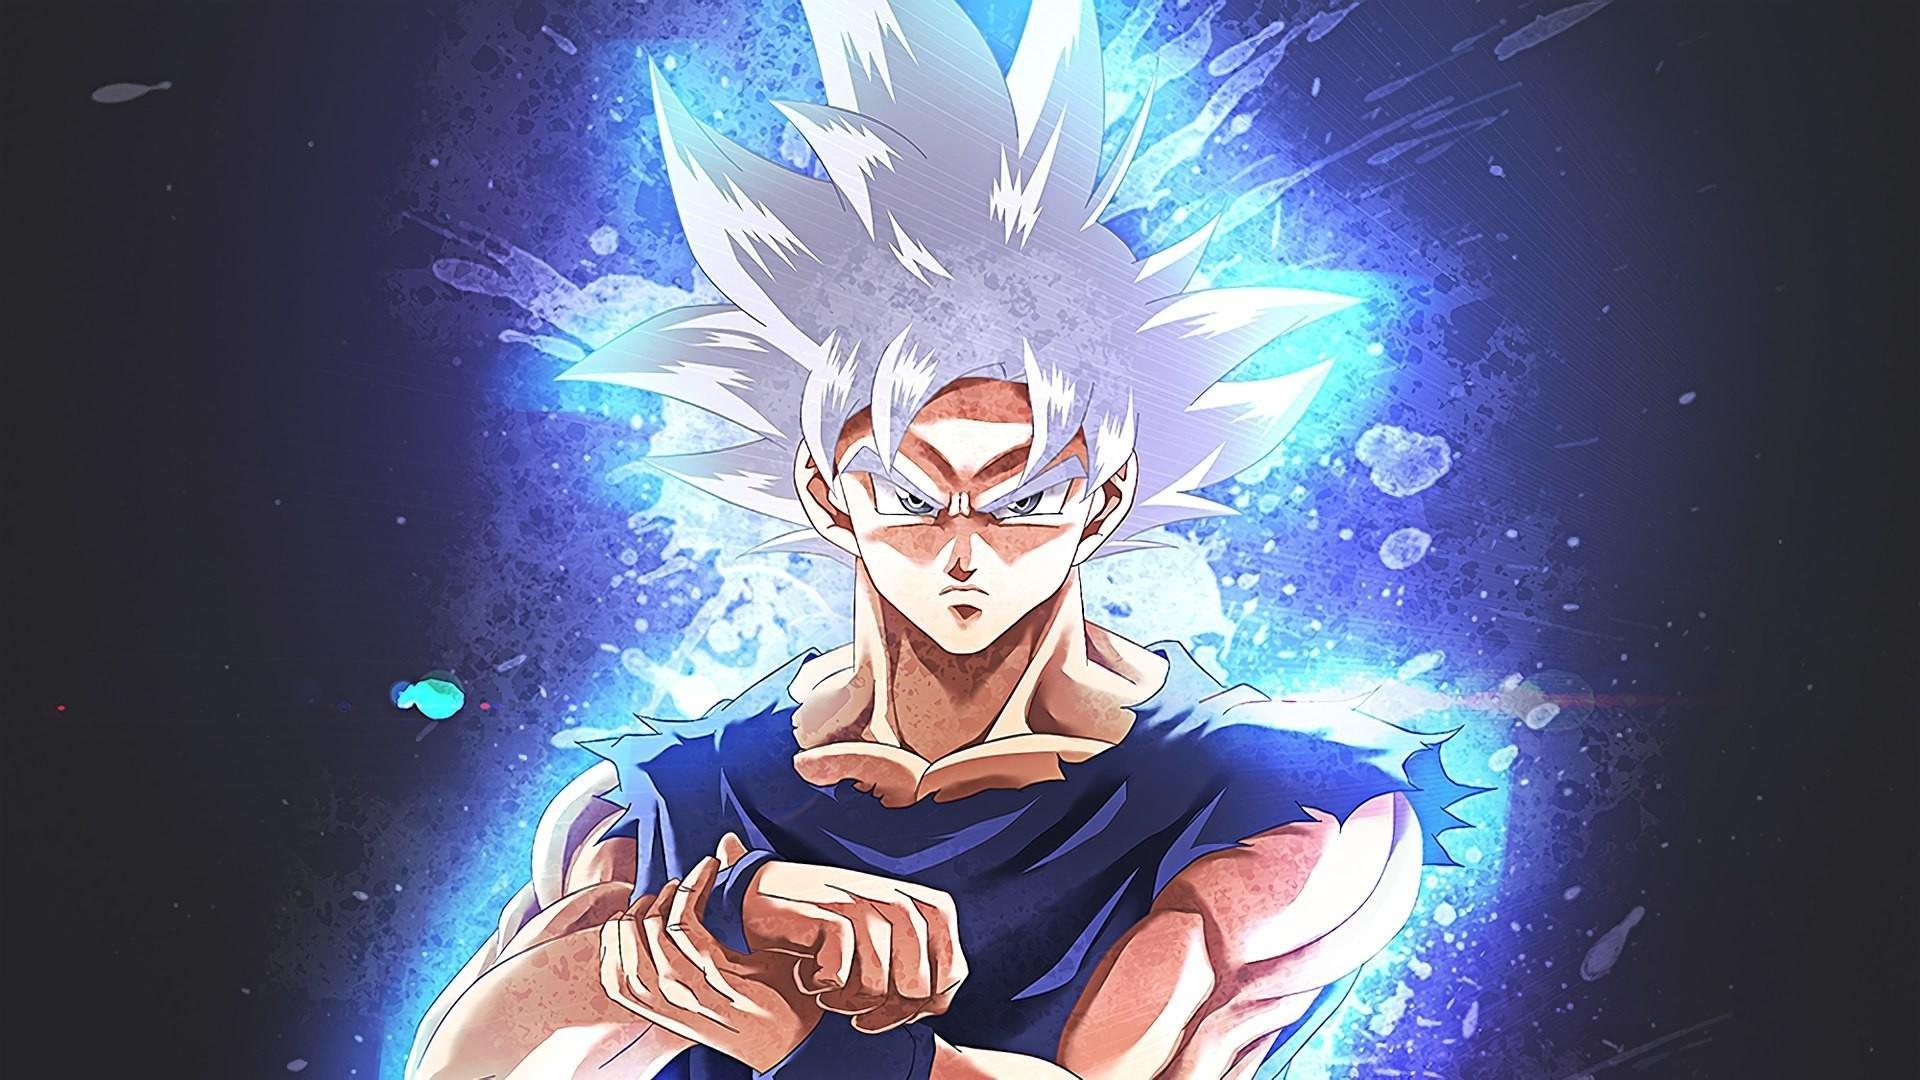 Goku Ultra Instinct cool wallpaper